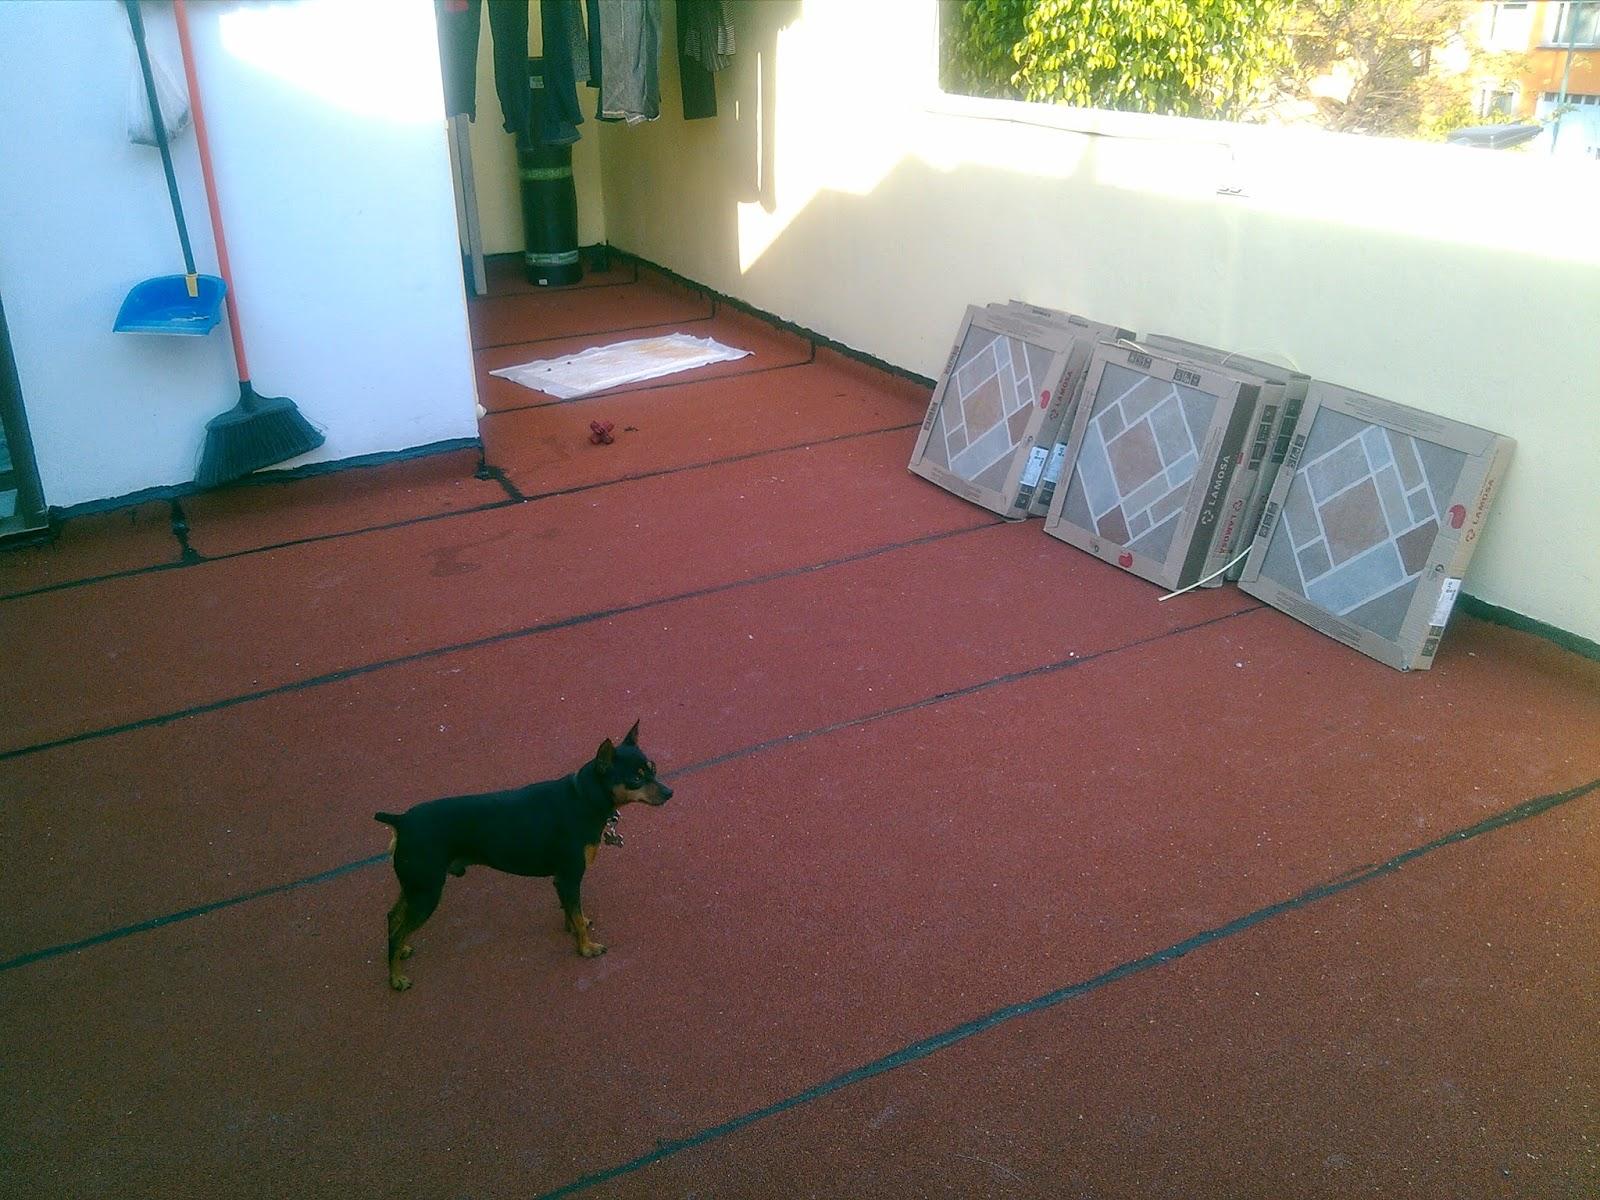 Impermeabilizaci n garantizada - Impermeabilizantes para terrazas ...